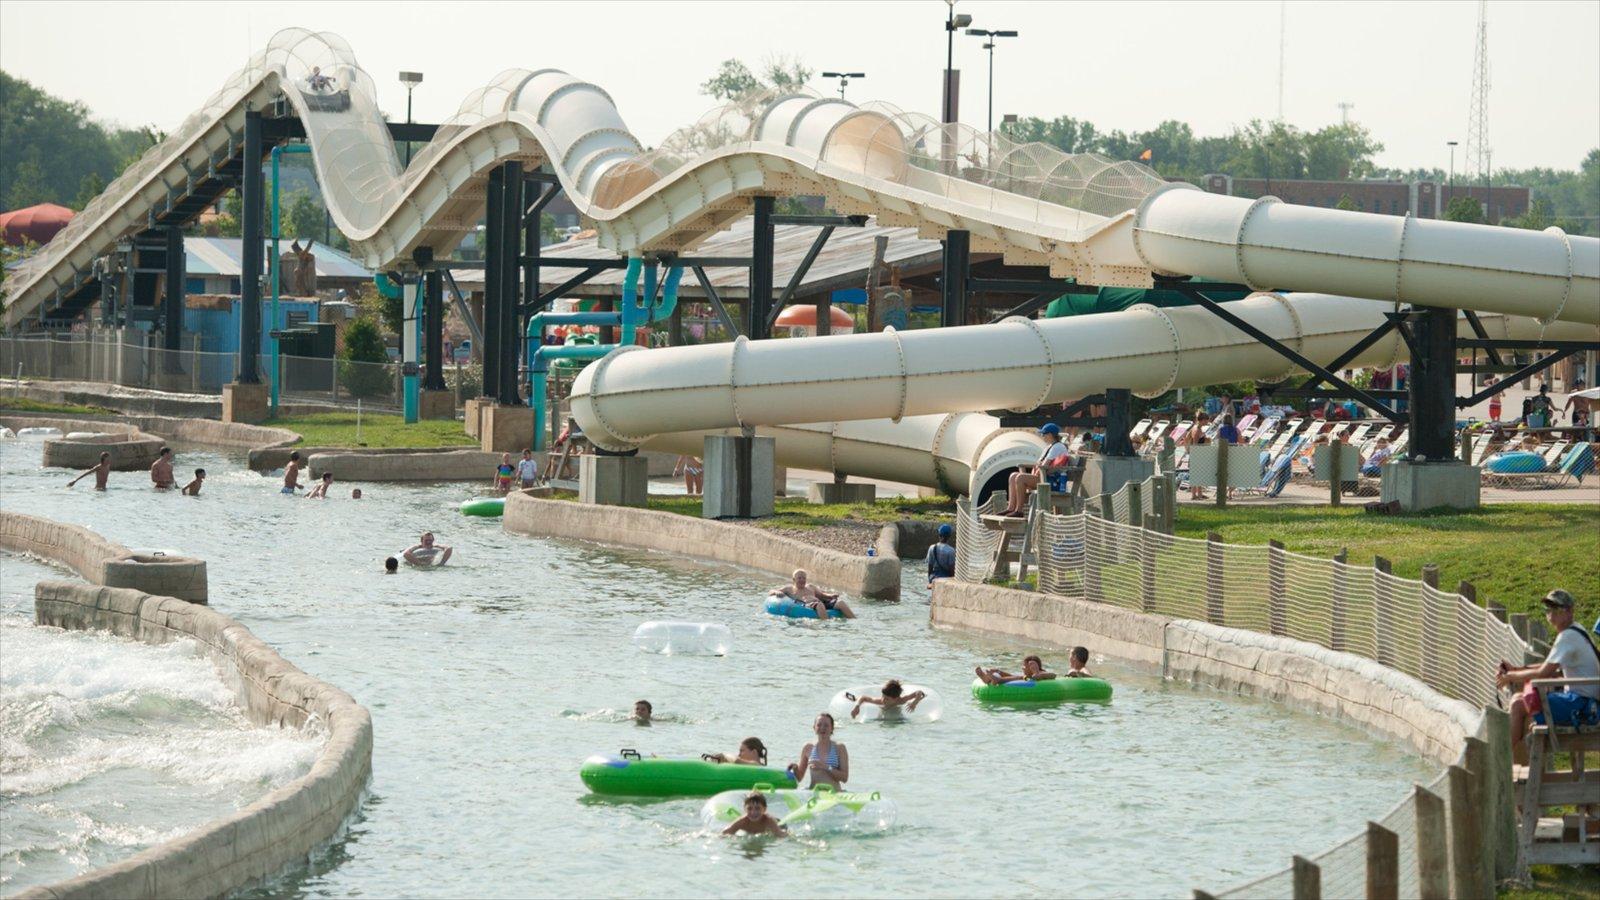 Kansas que inclui um parque aquático, um parquinho e passeios